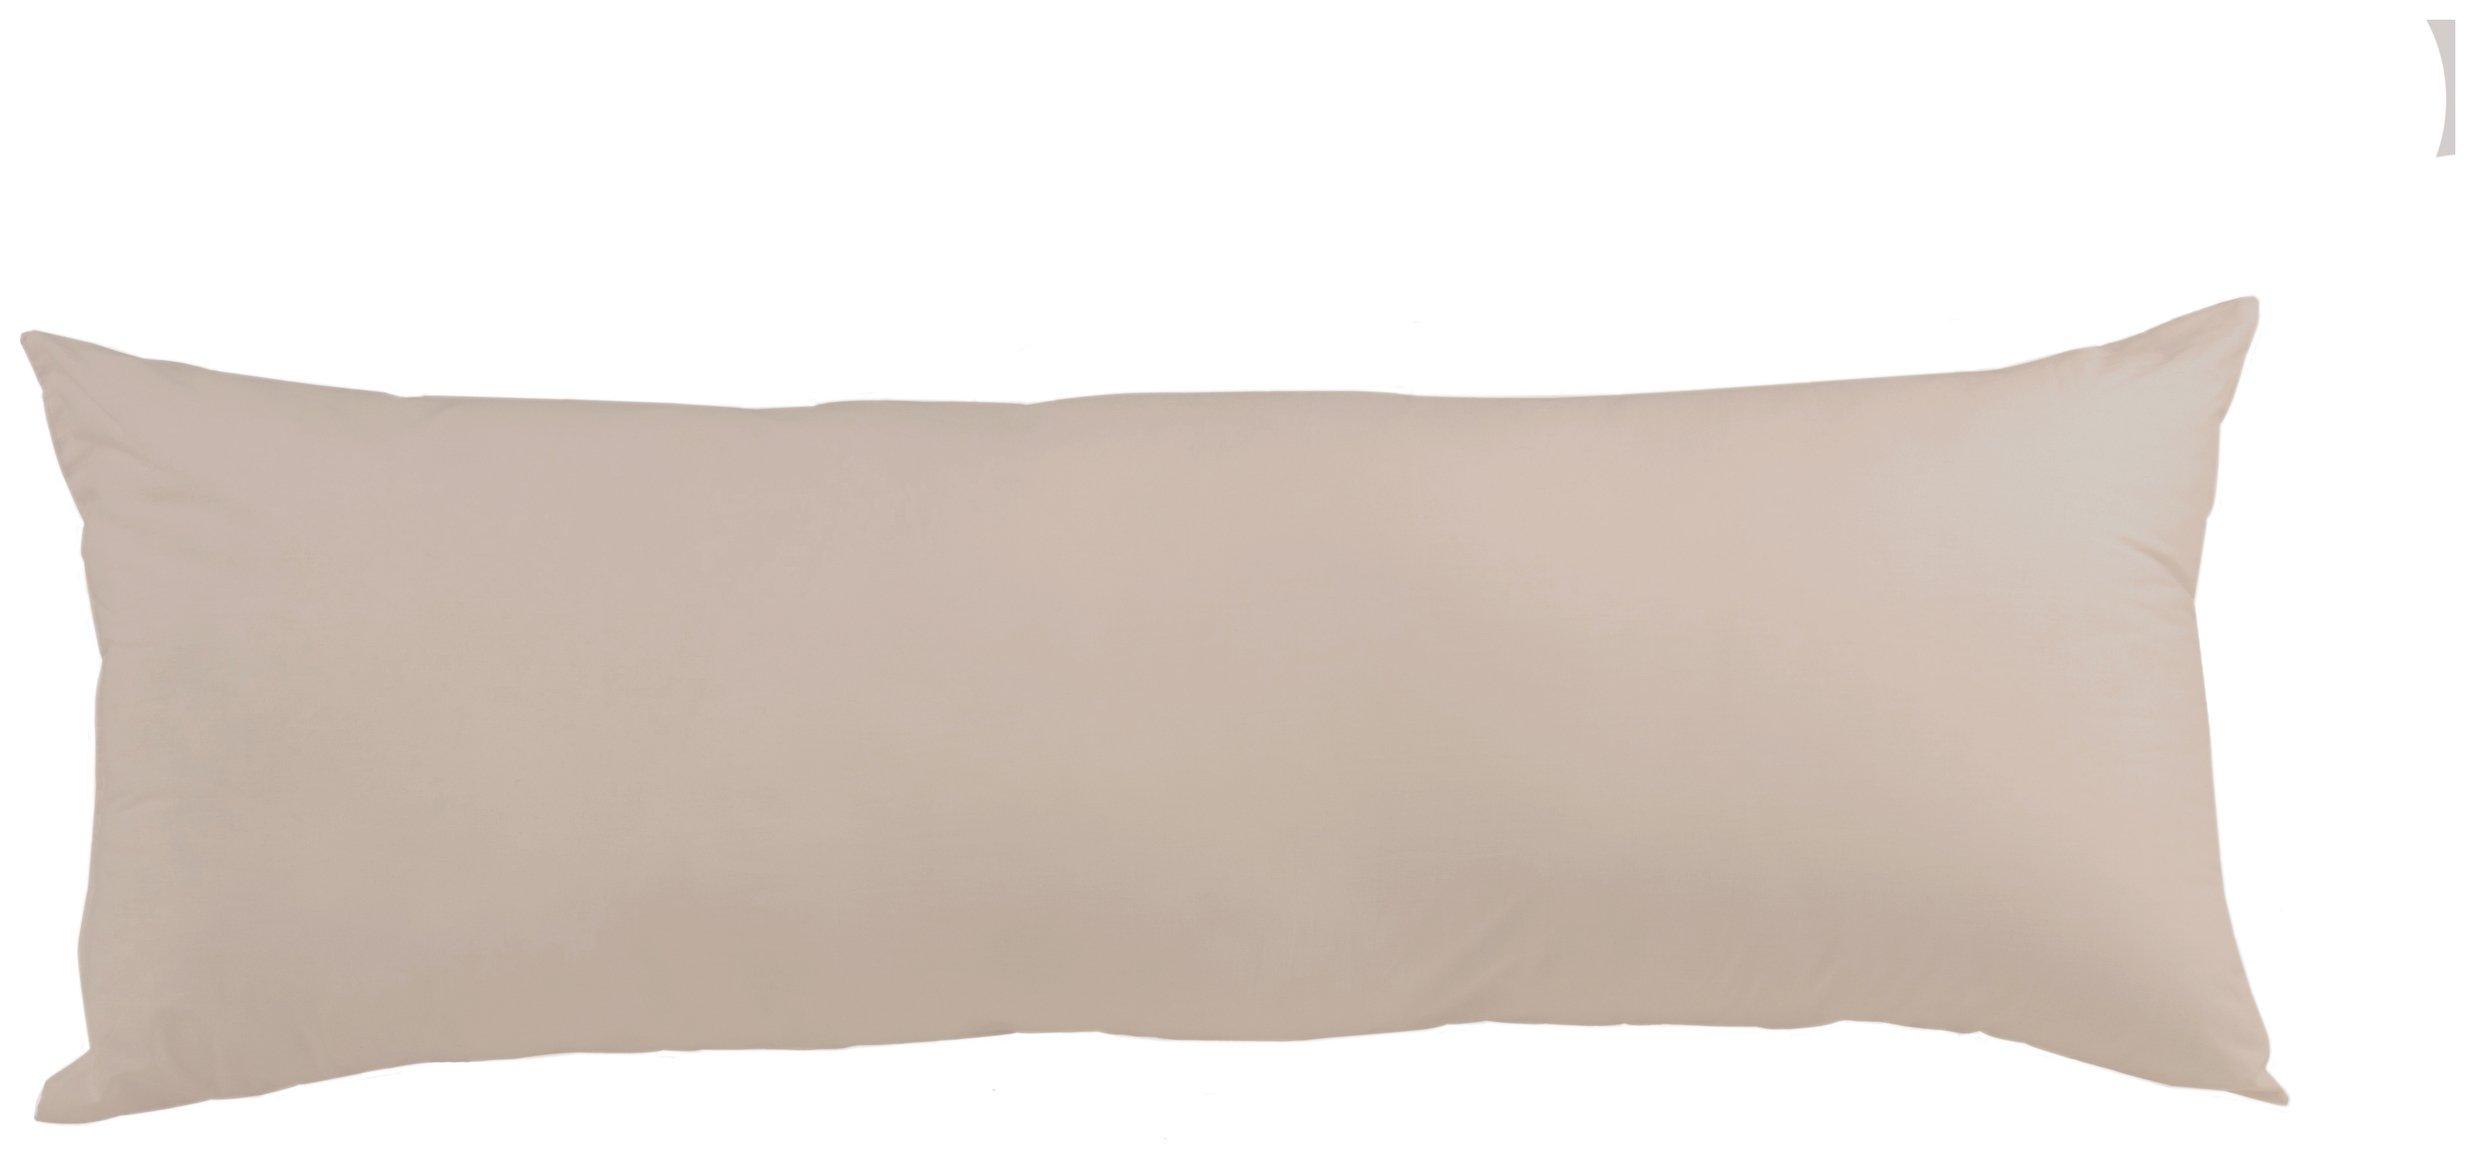 downland  4 ft 6 inch white bolster pillowcases  set of 2